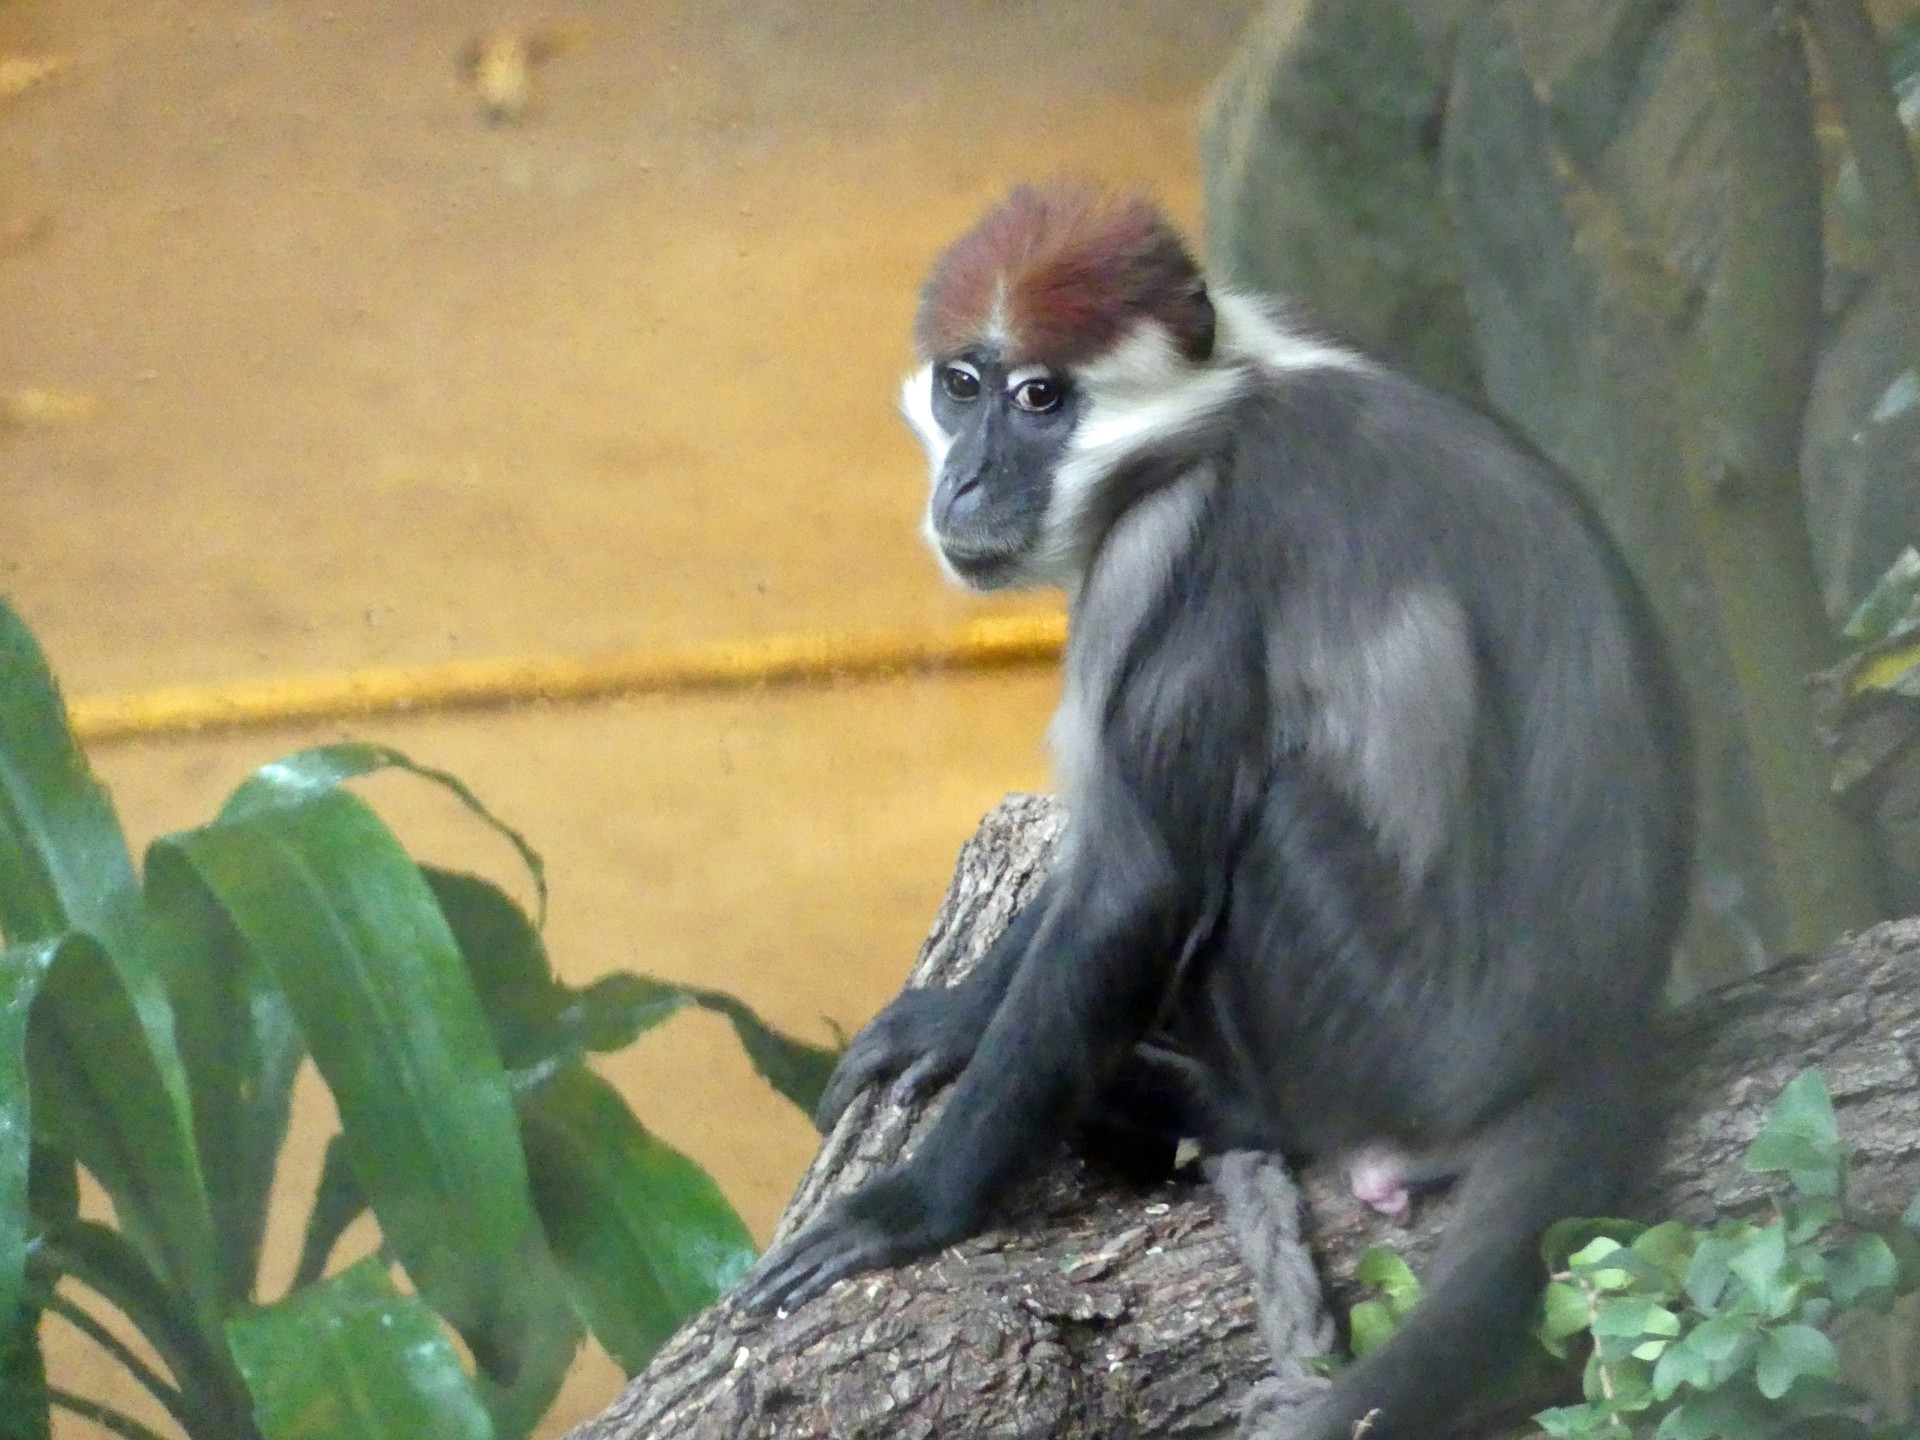 Rotscheitelmangabe, Affe, Menschenaffe, Zoo, Gehege